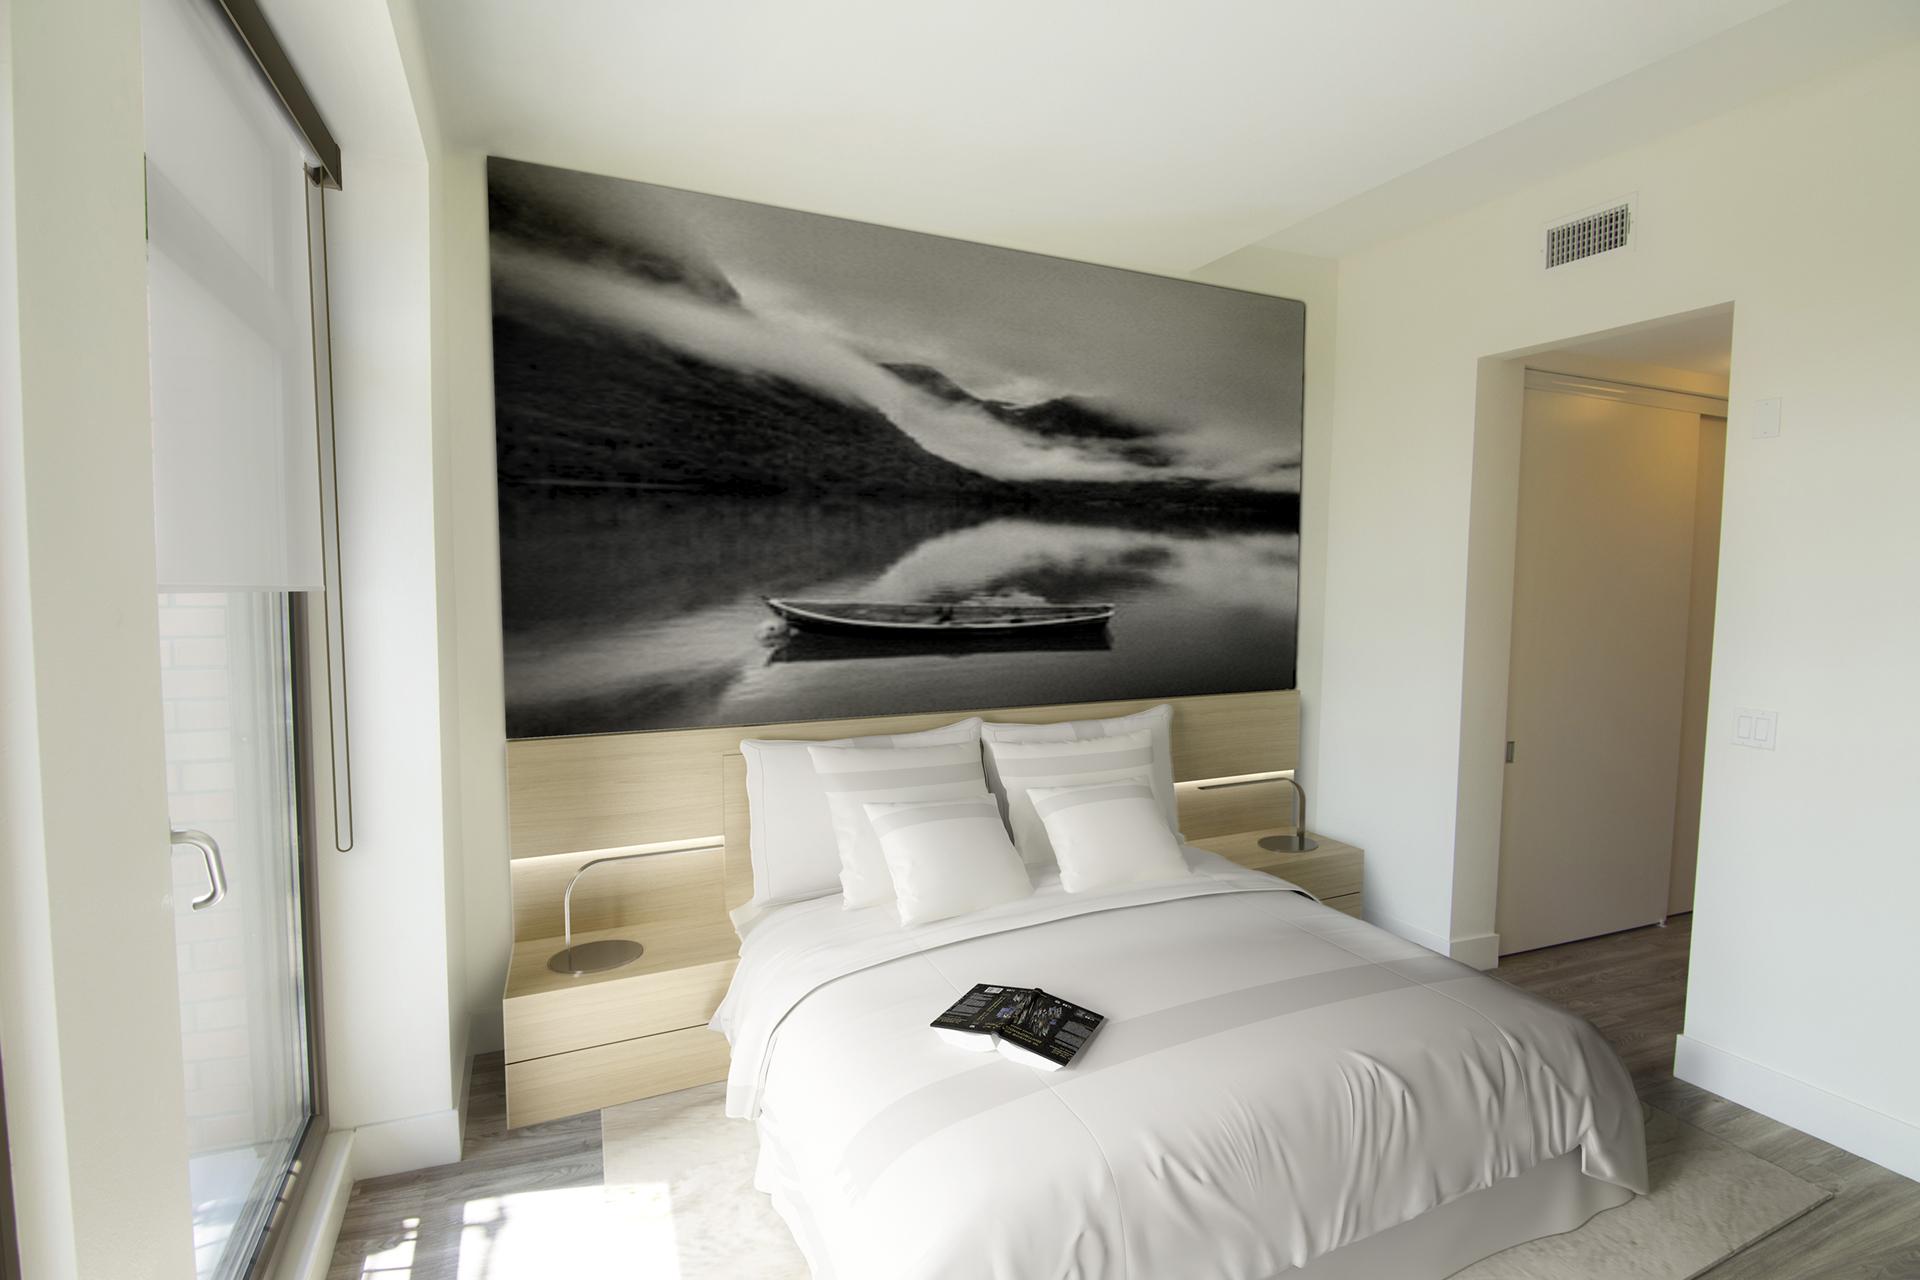 Modern Studio Apartments in Westwood, Los Angeles CA - Gayley & Lindbrook Bedroom